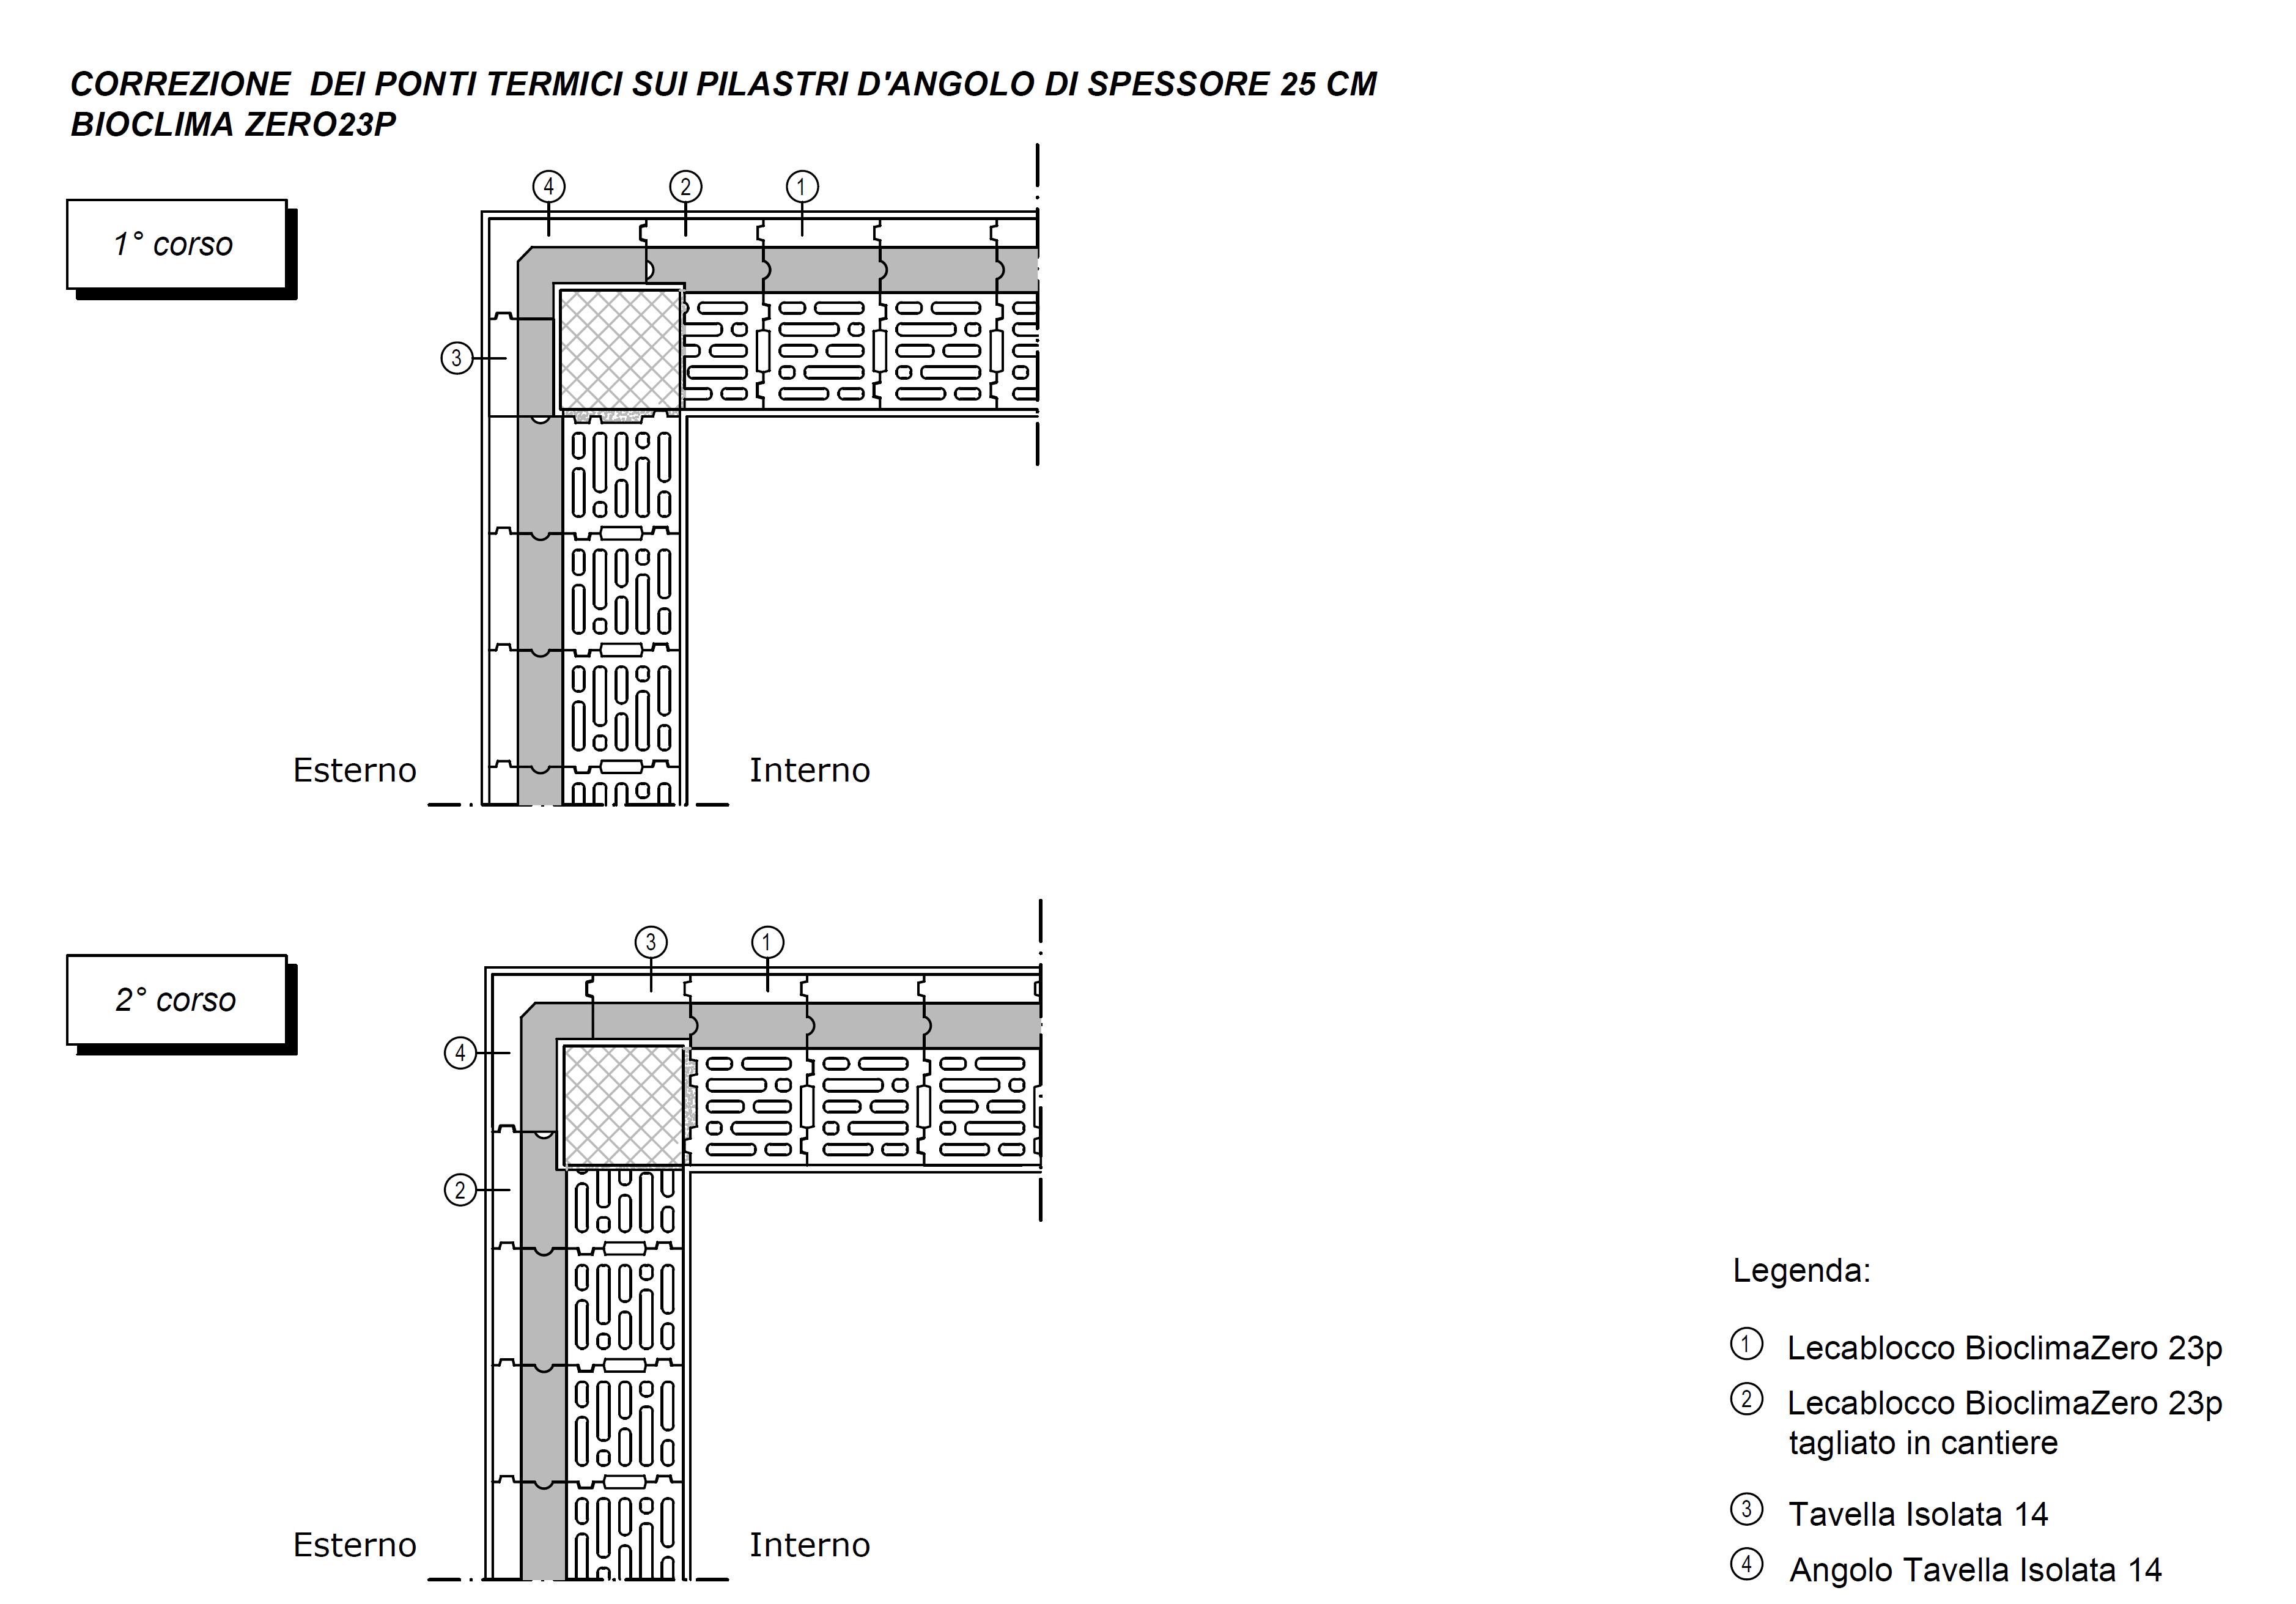 particolare-bioclima-zero23p-pilastro-angolo25